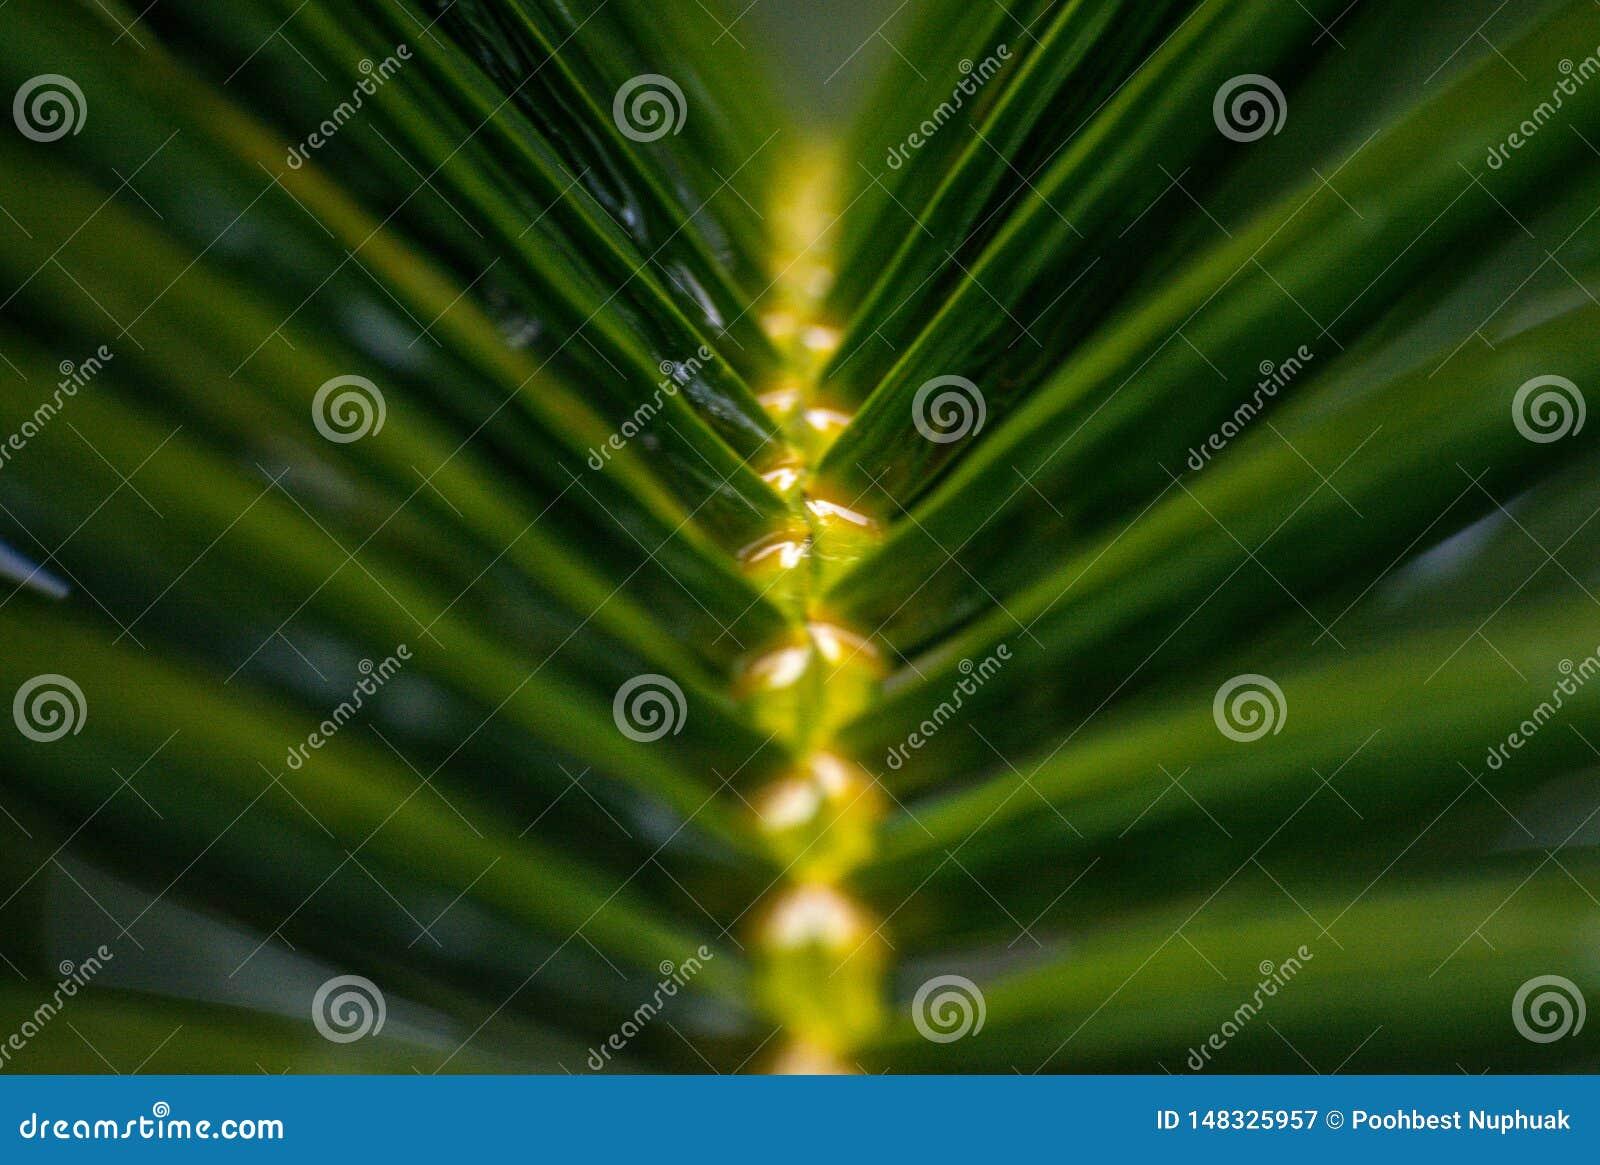 Vertroebel de bladeren van palmen